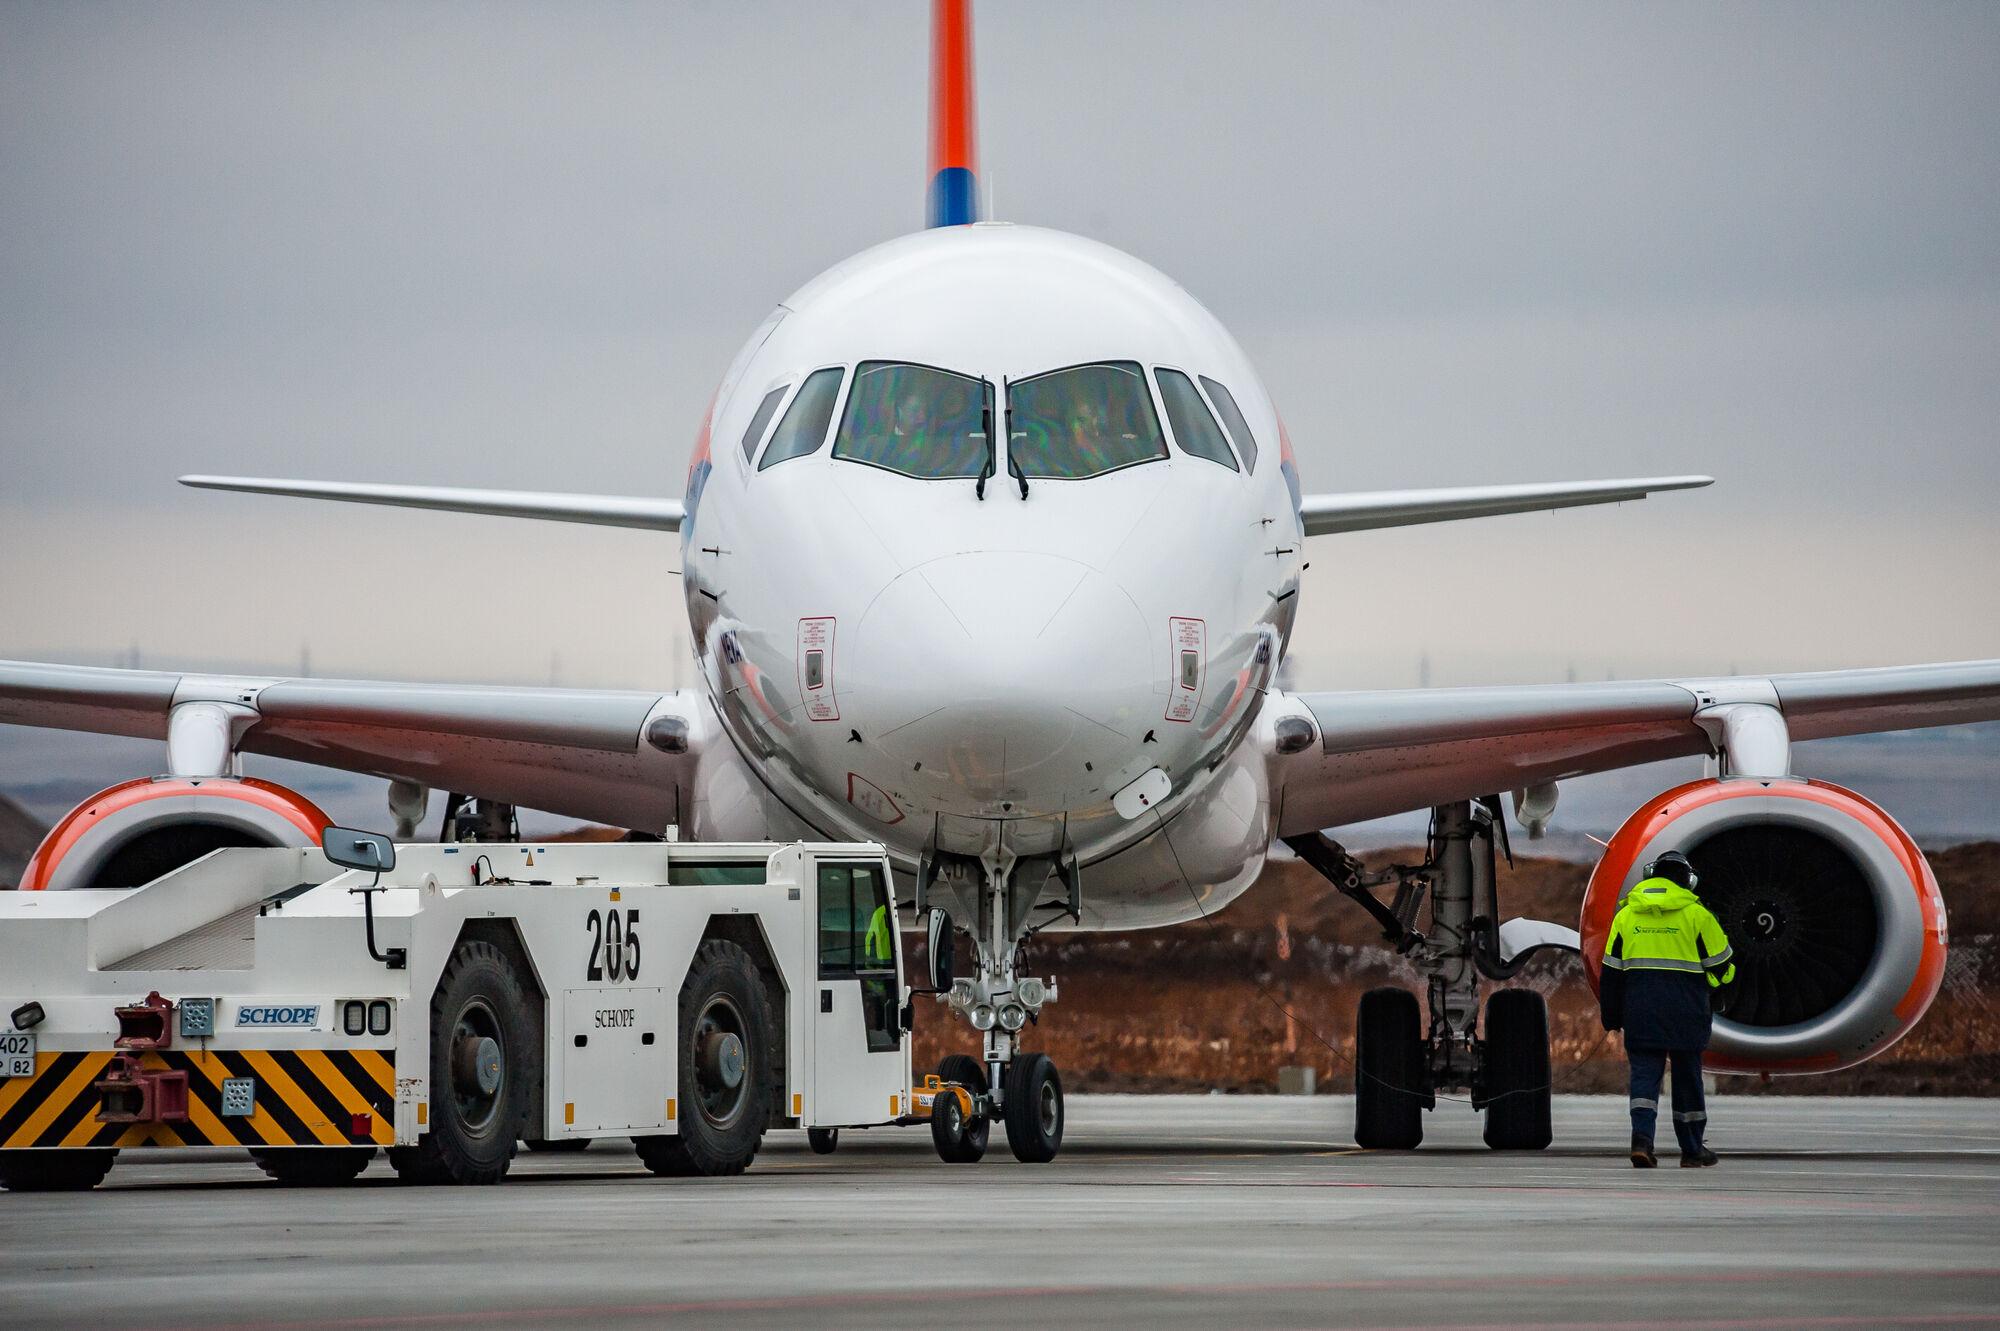 Прием пассажиров в условиях частичного снятия ограничений по COVID-19